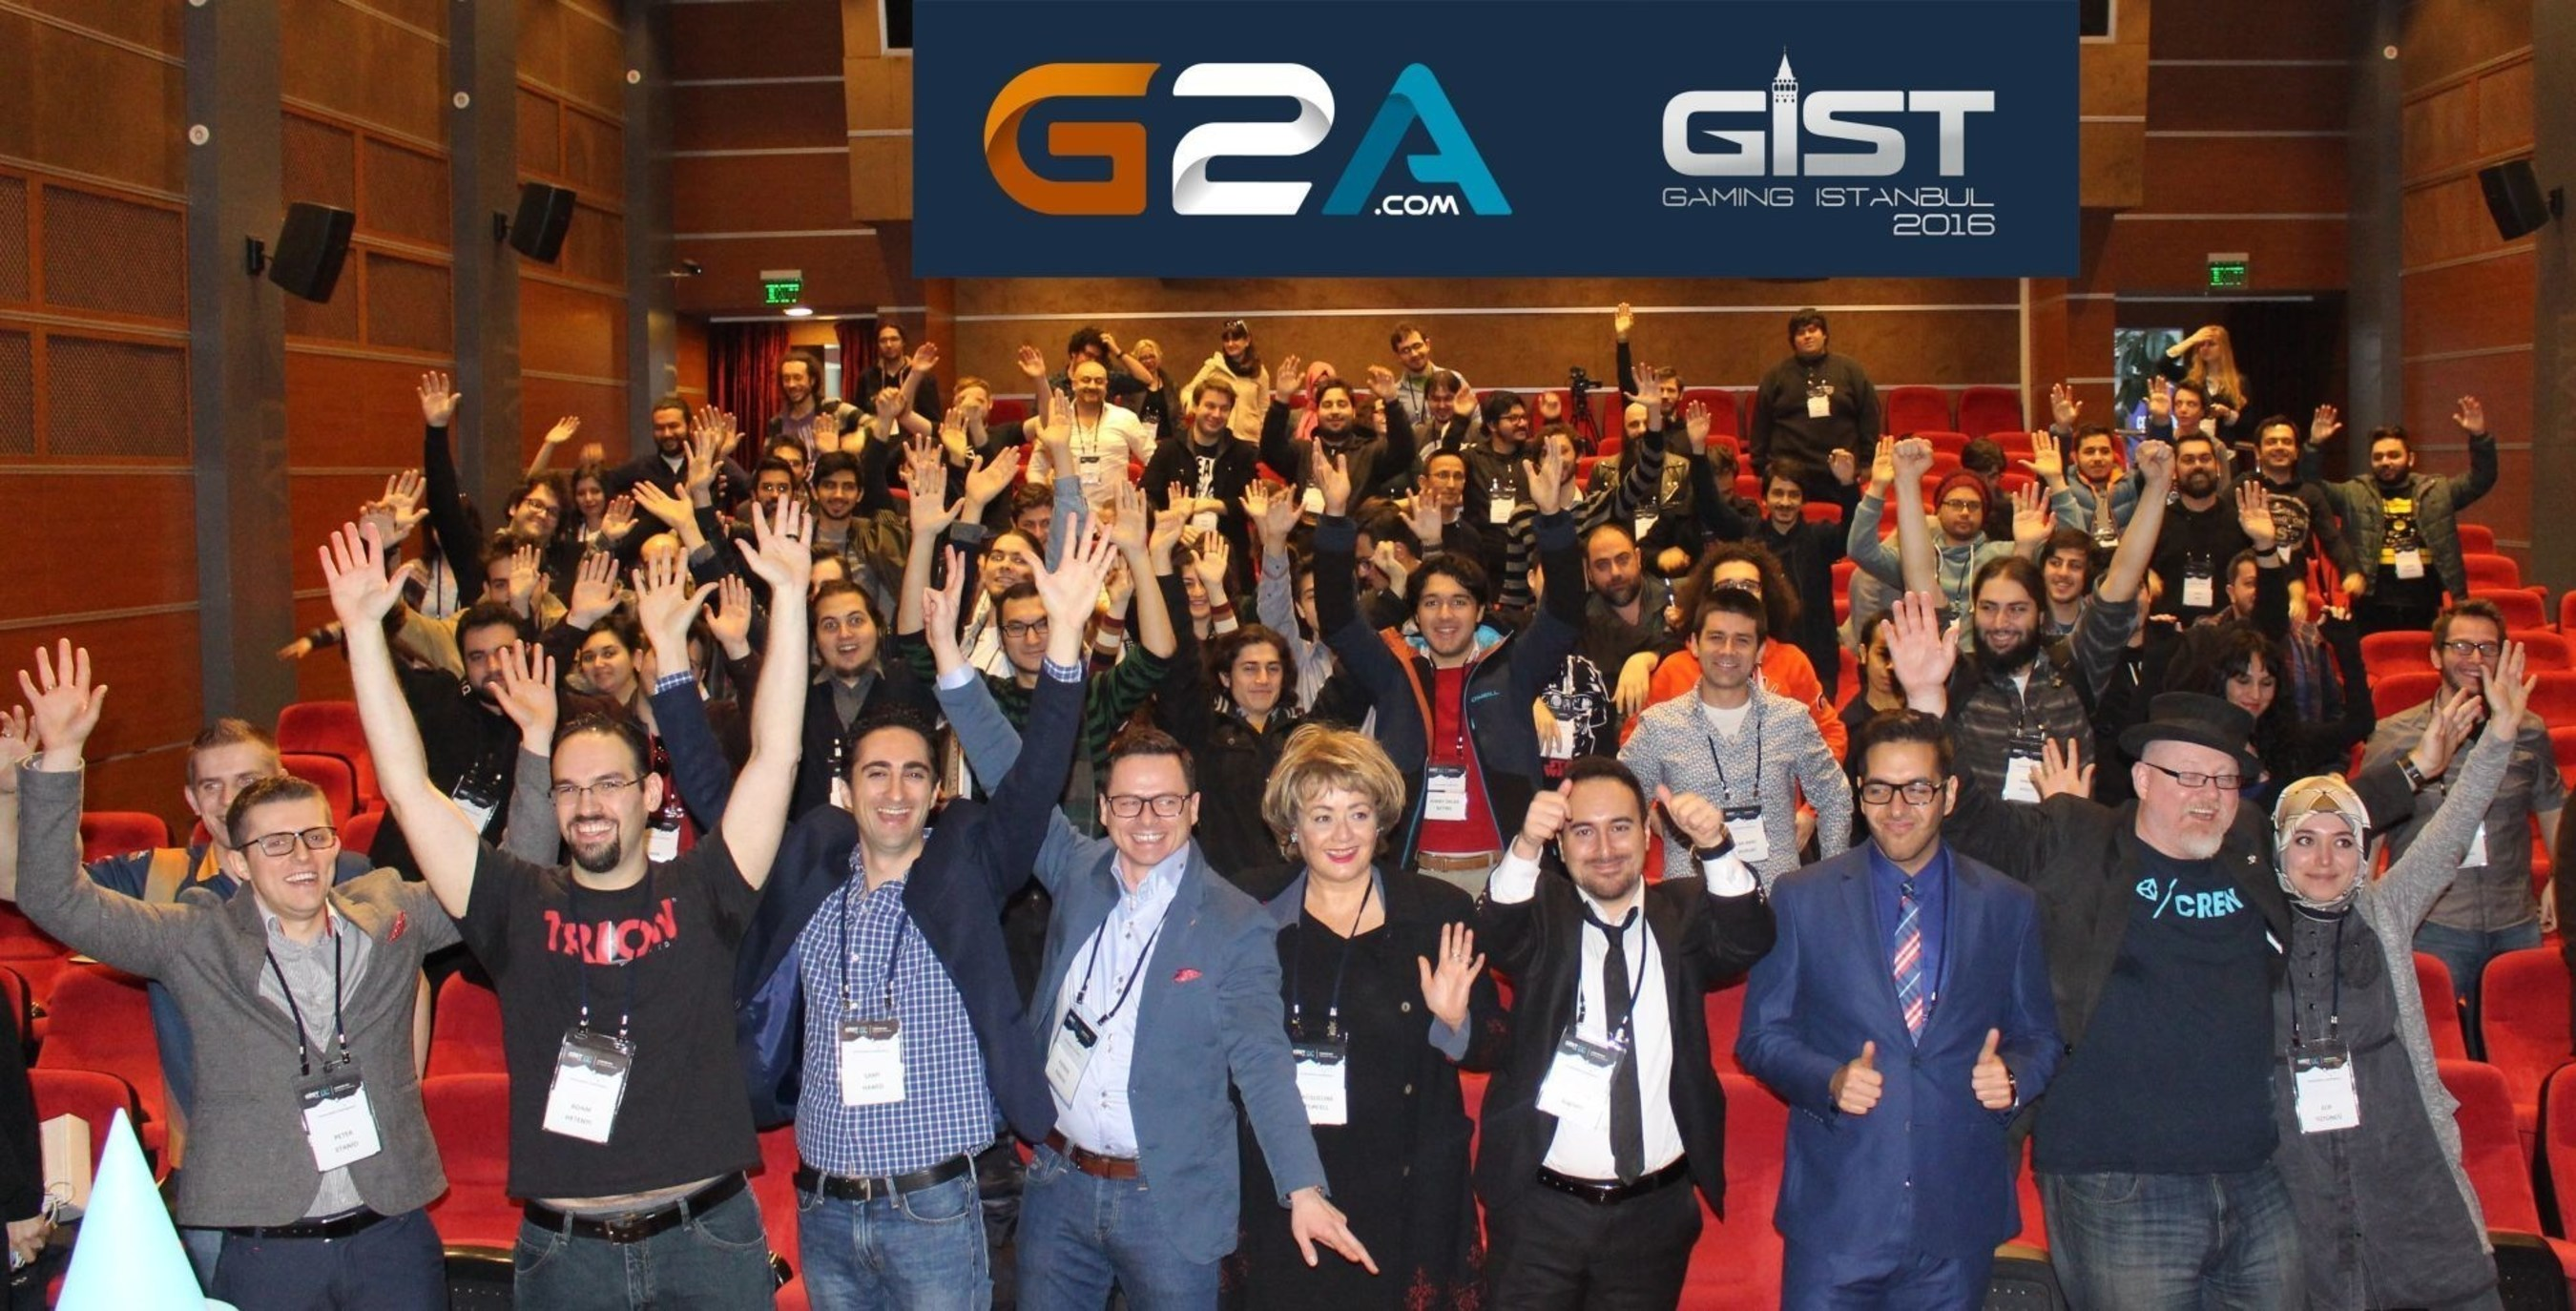 G2A apoya a Gaming Istanbul 2016 - Presenta material con impresión 3D+ y 3D de G2A